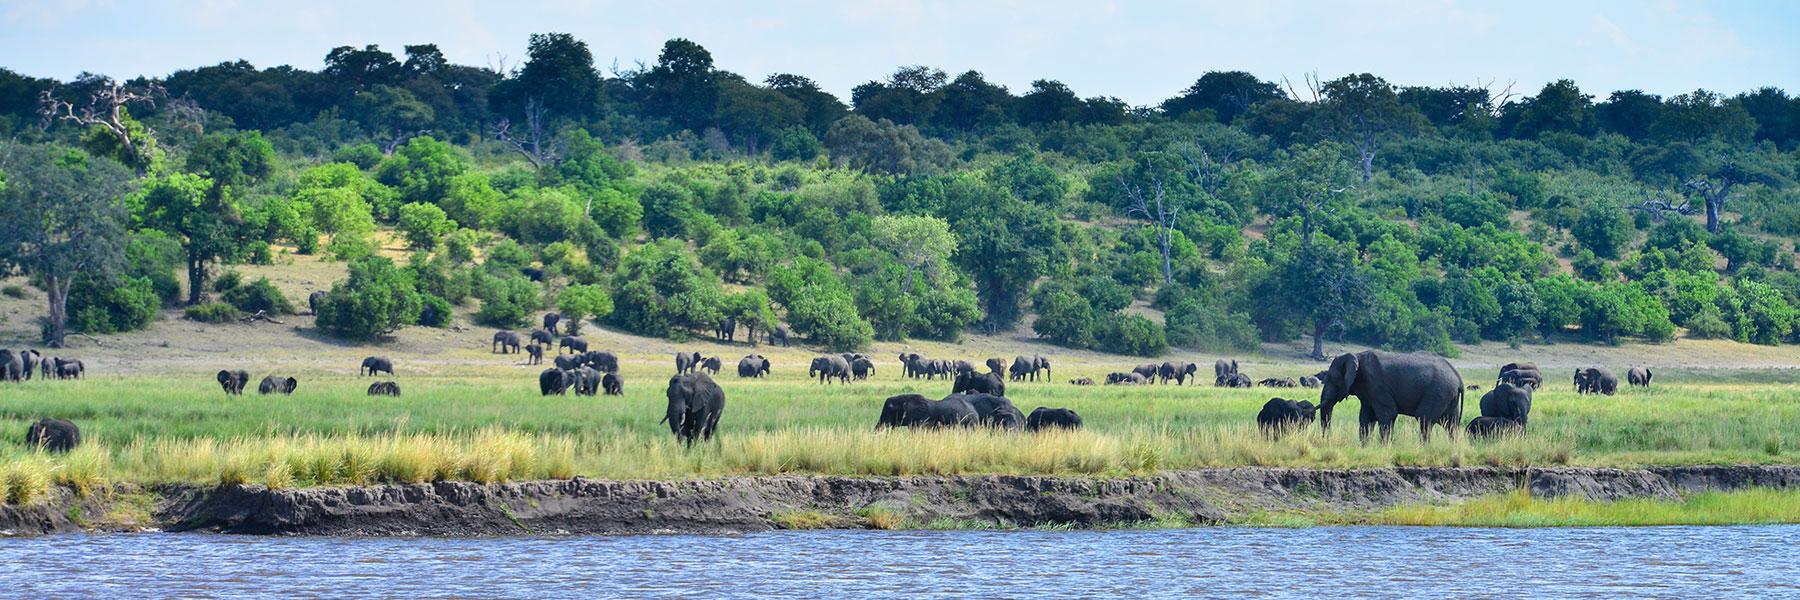 Afrika-Area-Zambezi-River